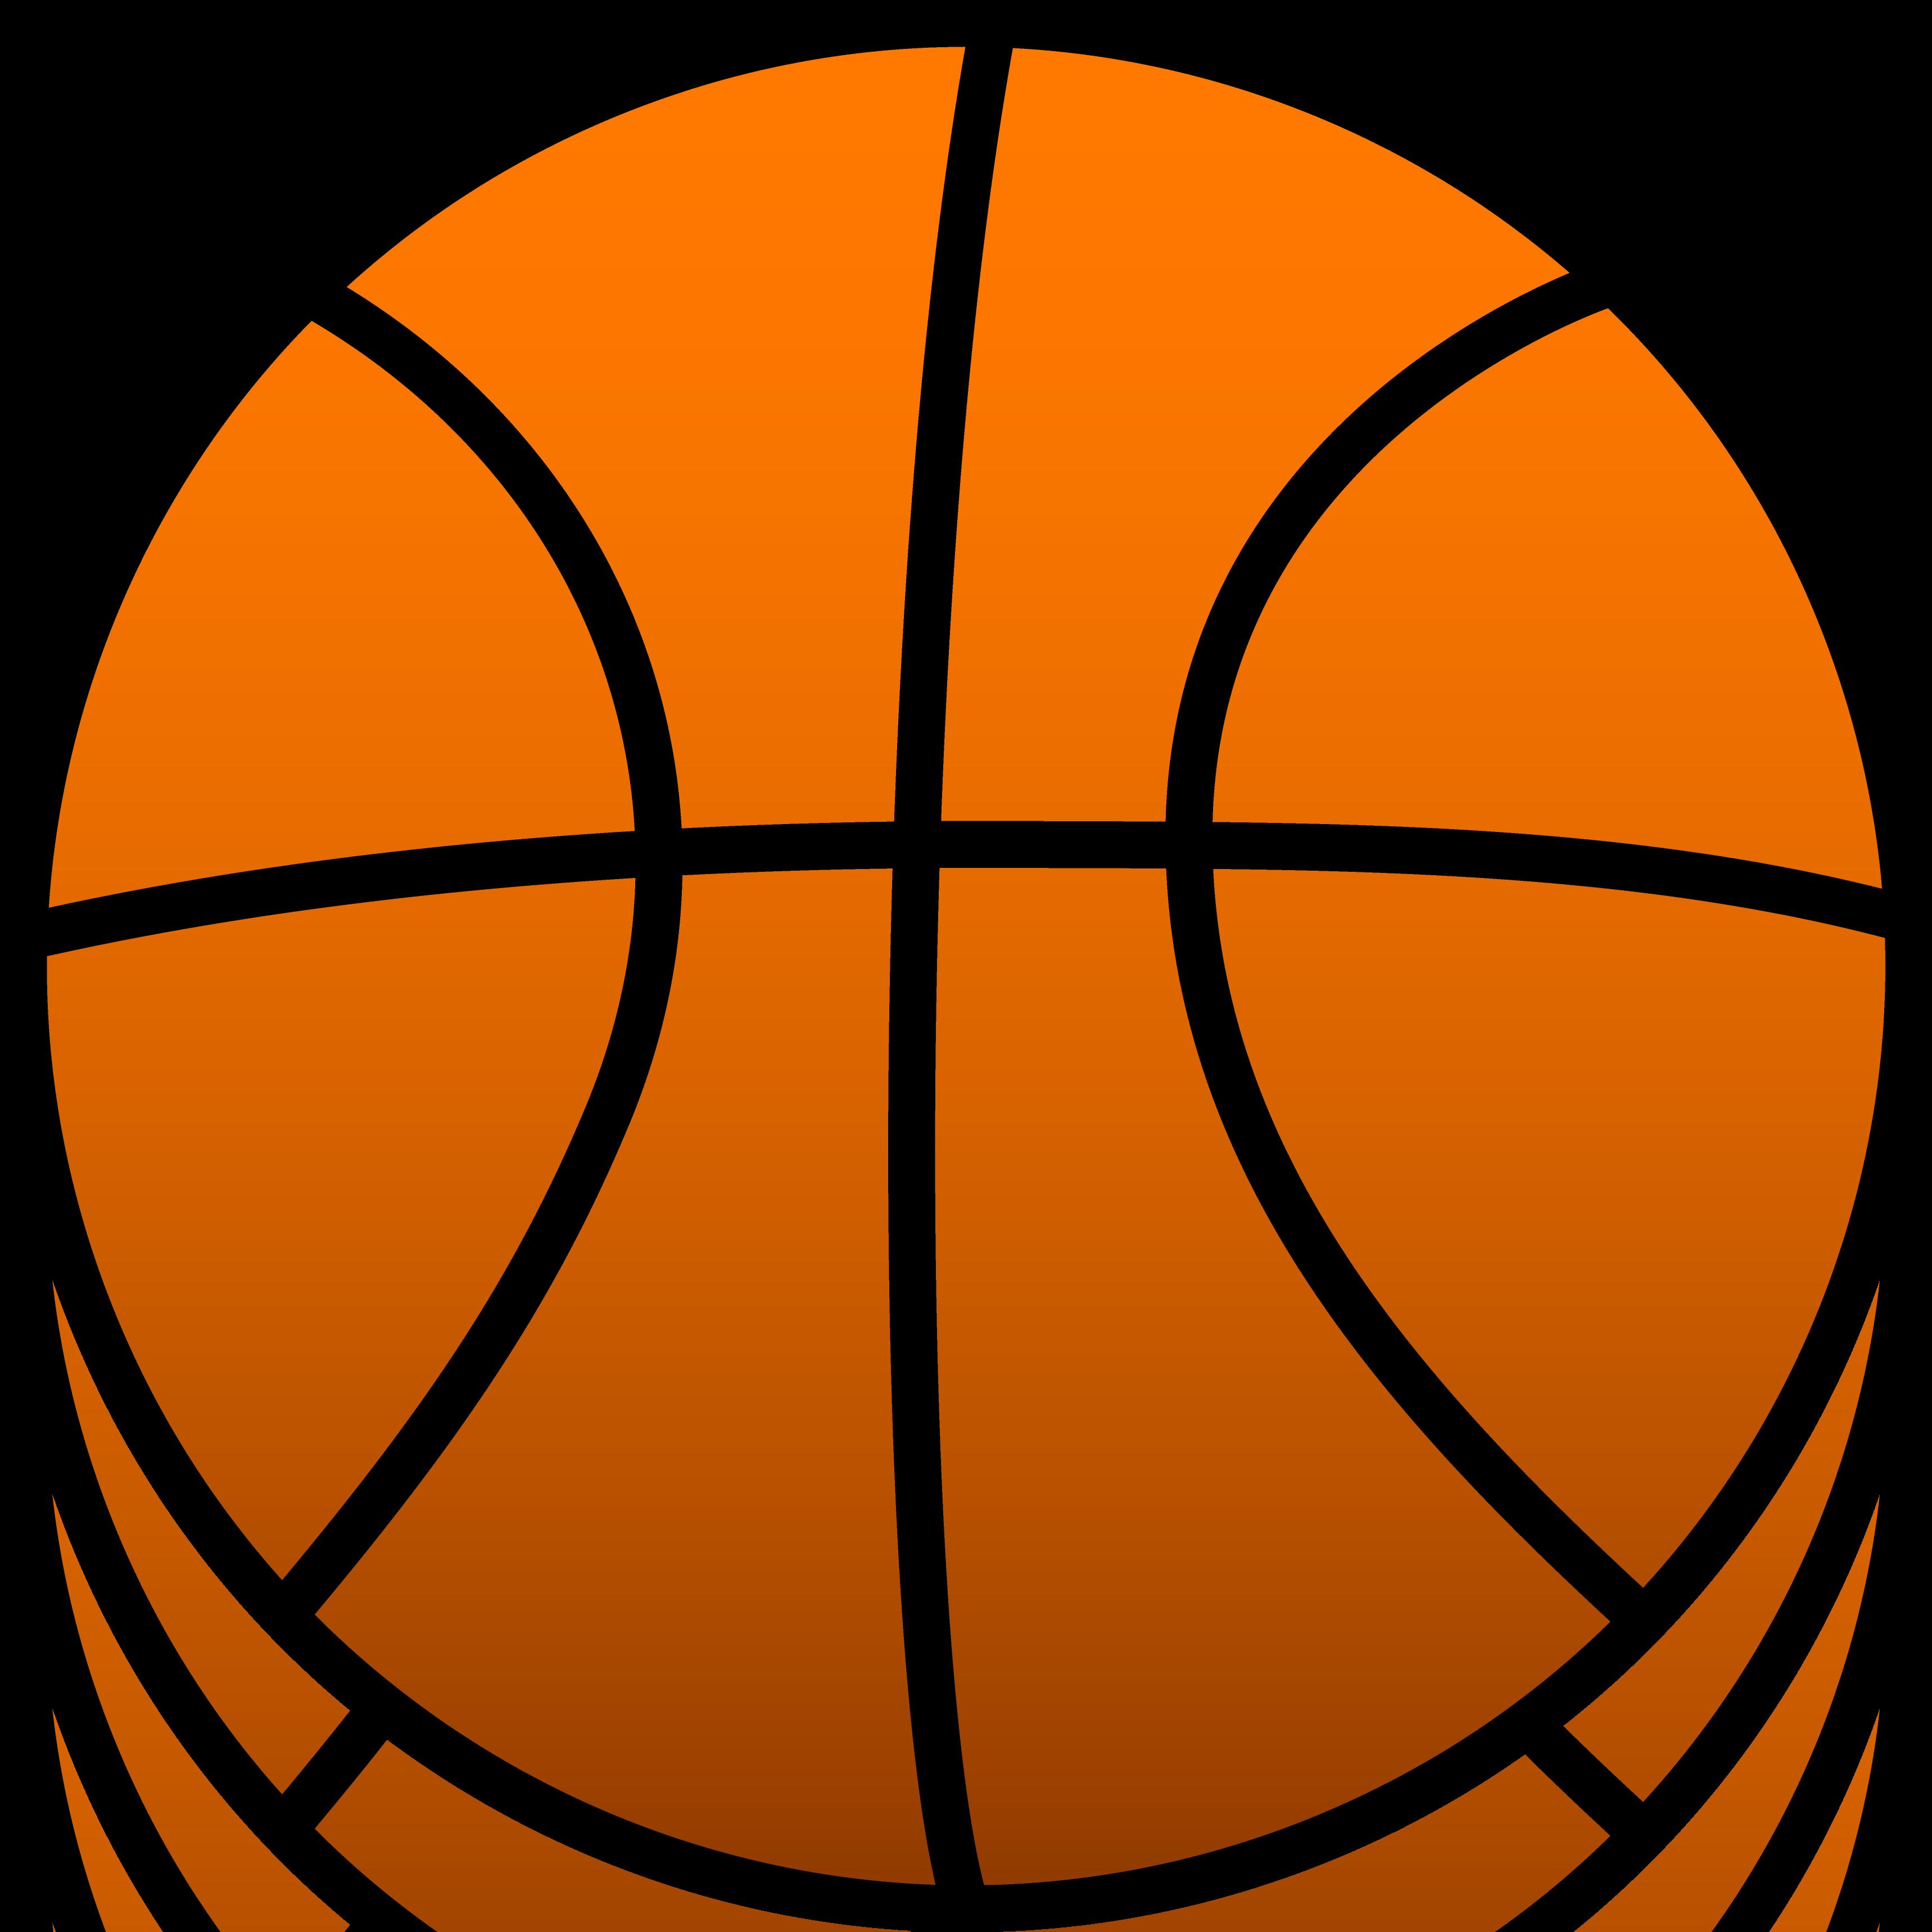 Basketball ball PNG image